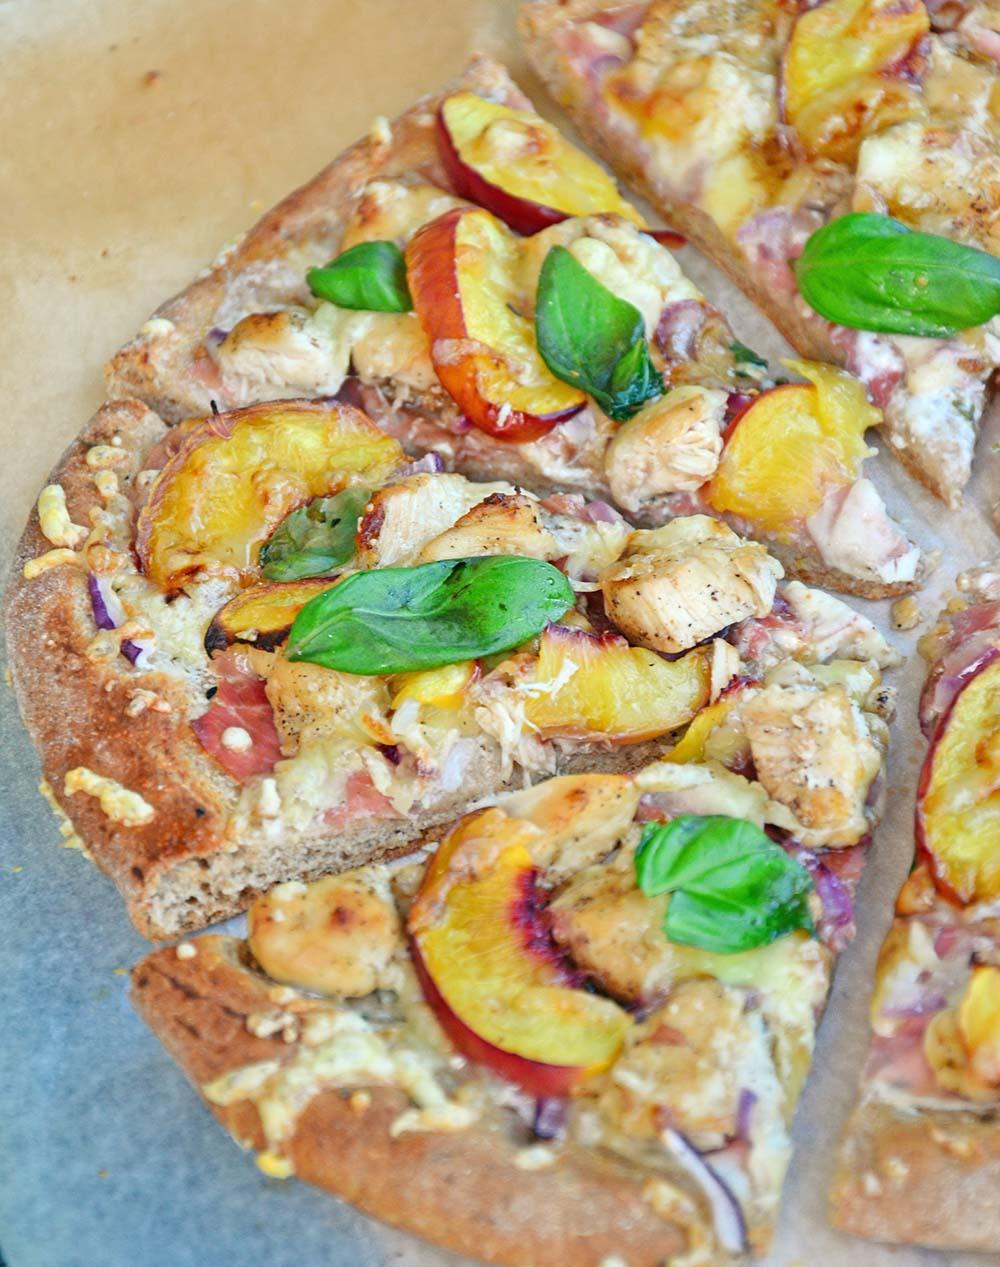 Chicken nectarine pizza